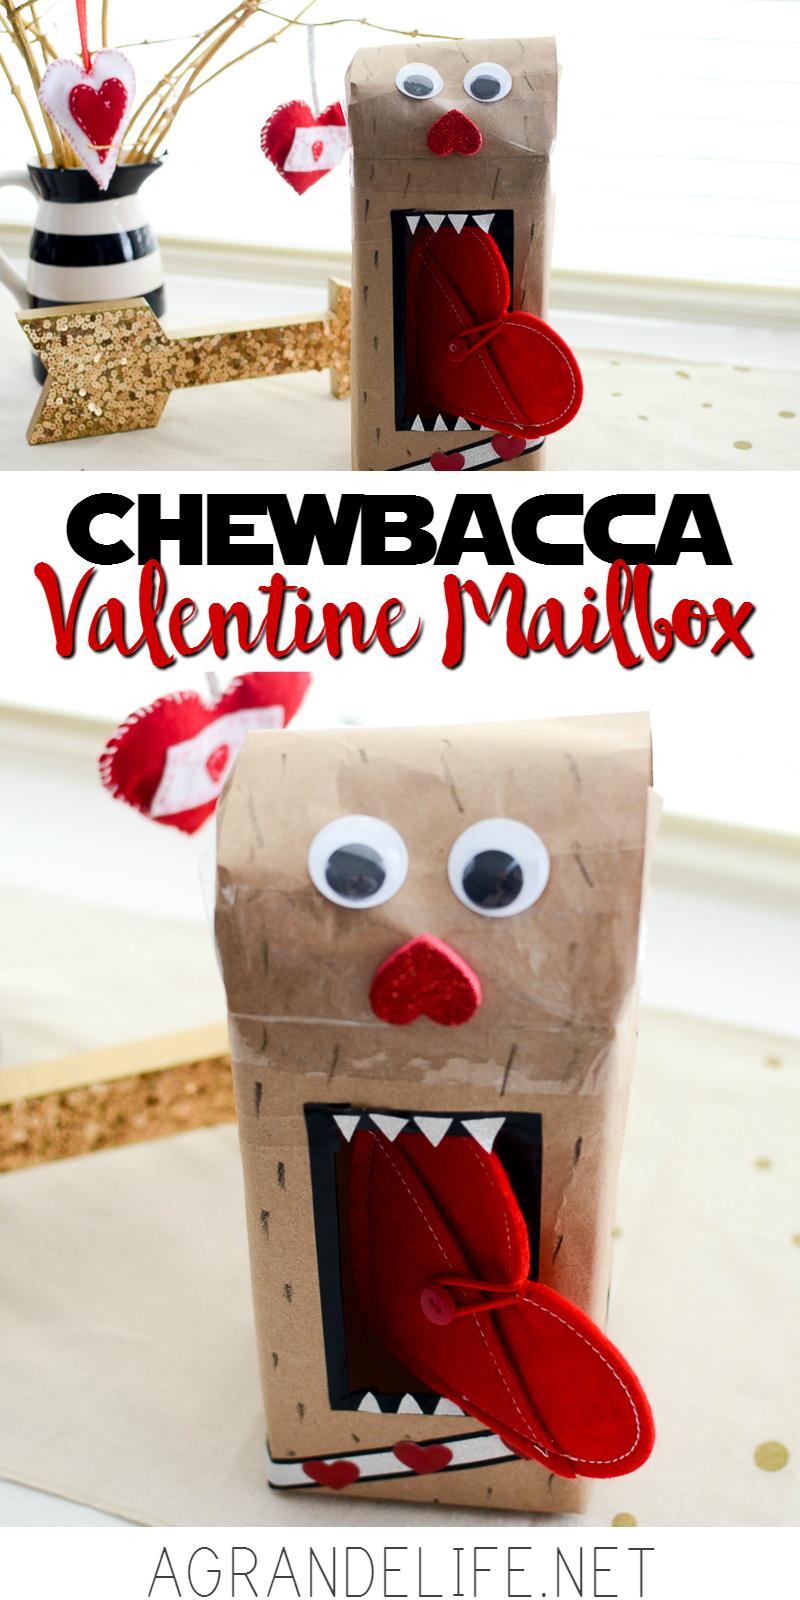 chewbacca valentine mailbox